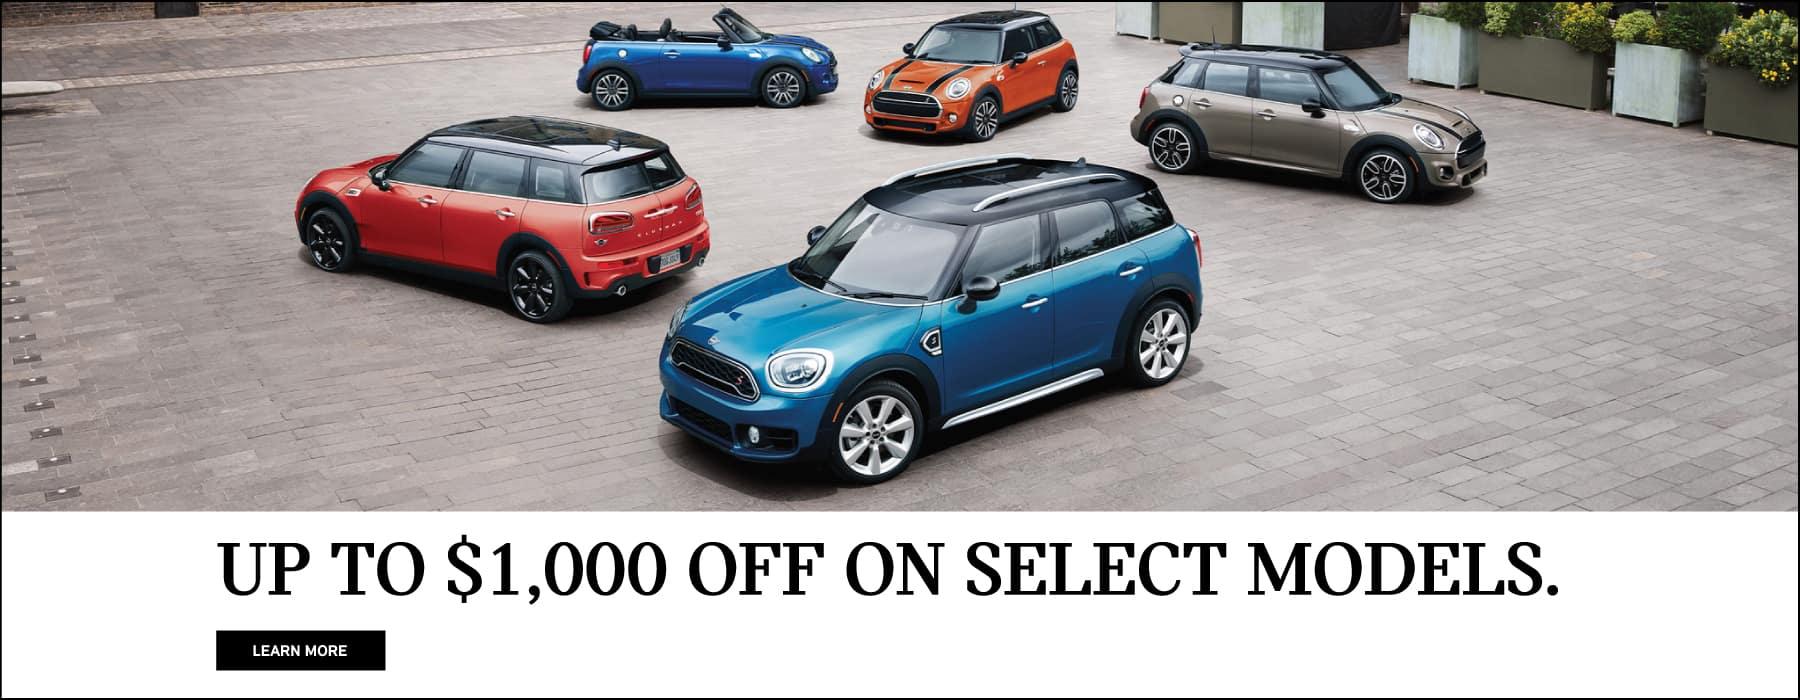 1000 off select mini models